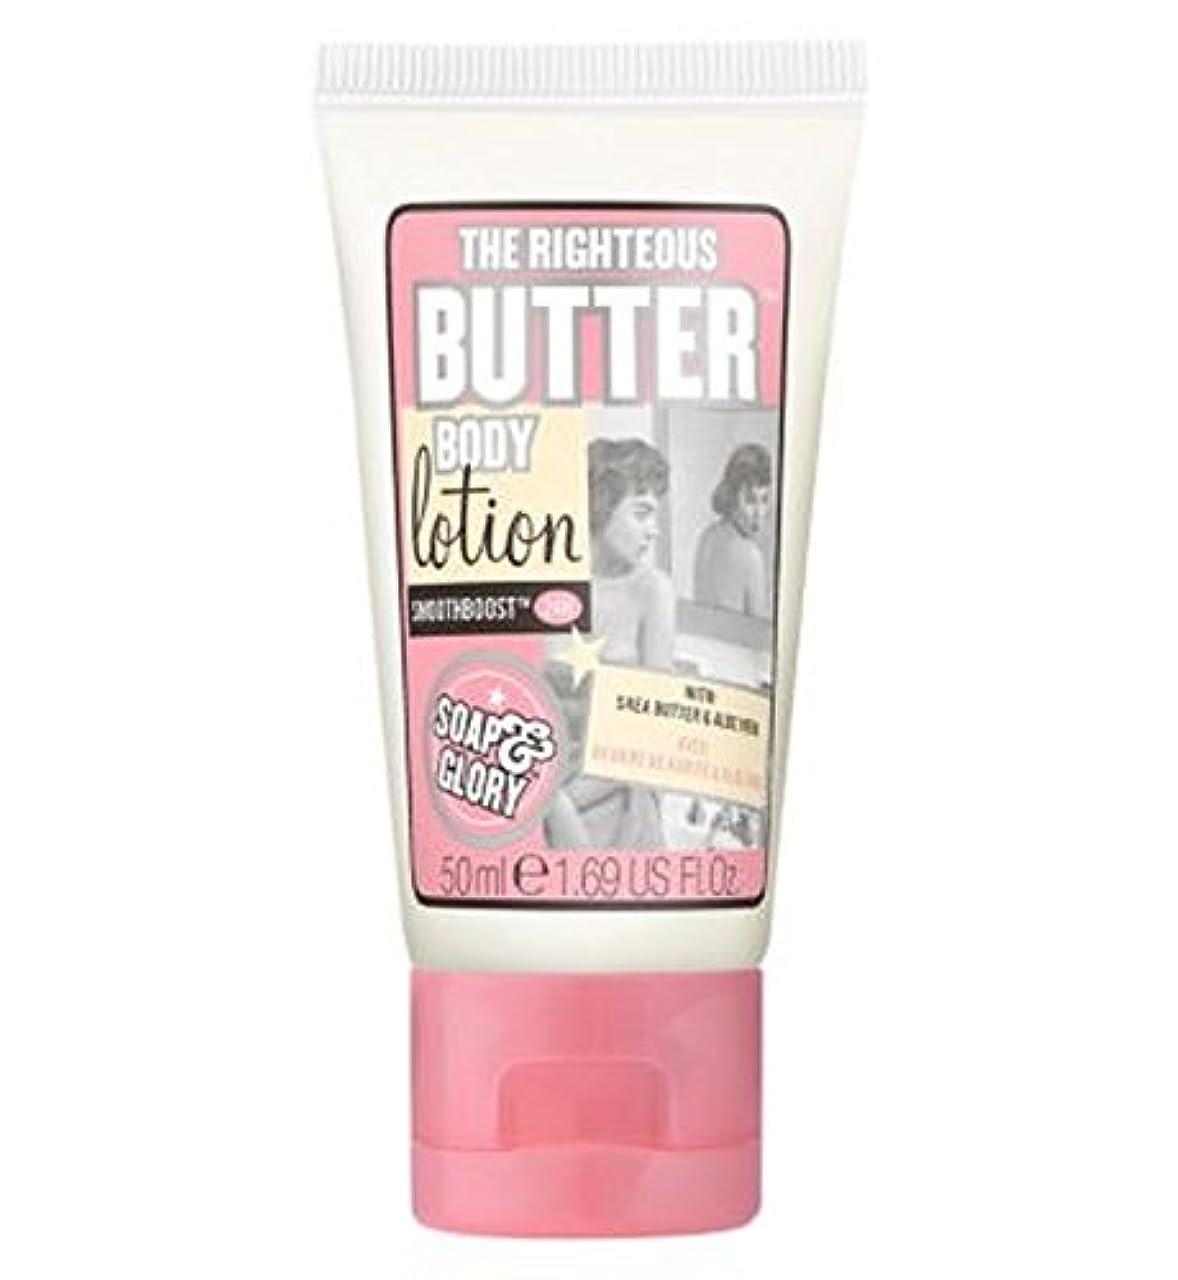 換気上回る群がるSoap & Glory The Righteous Butter Lotion 50ml - 石鹸&栄光正義のバターローション50ミリリットル (Soap & Glory) [並行輸入品]